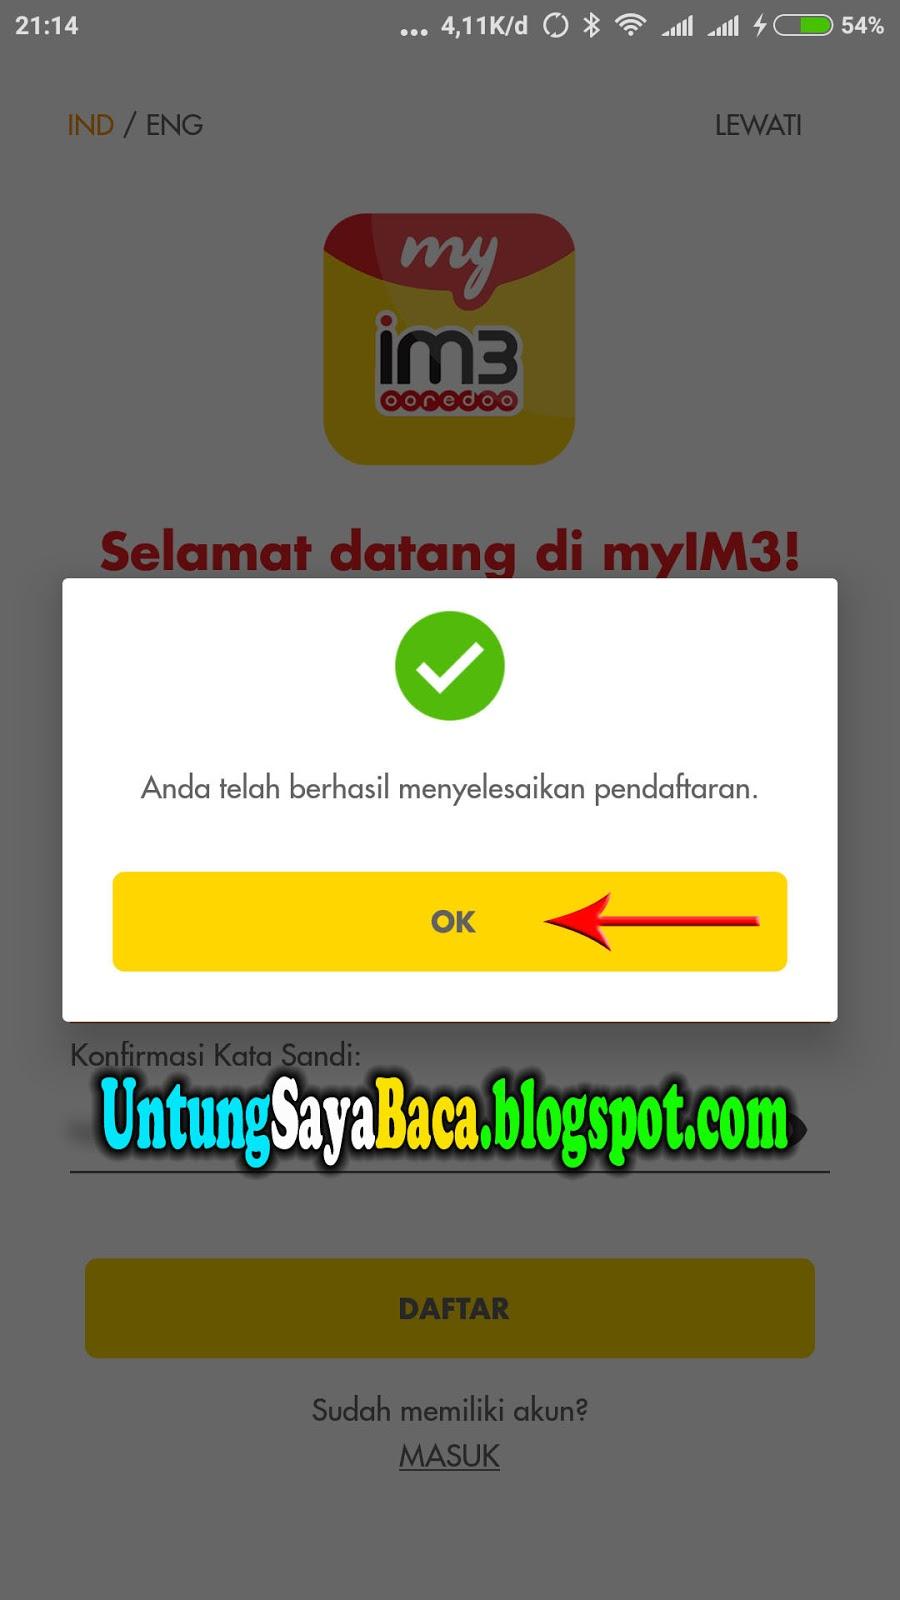 Cara Cek dan Mengganti Data Registrasi Kartu Indosat Mentari IM3  Untung Saya Baca USB